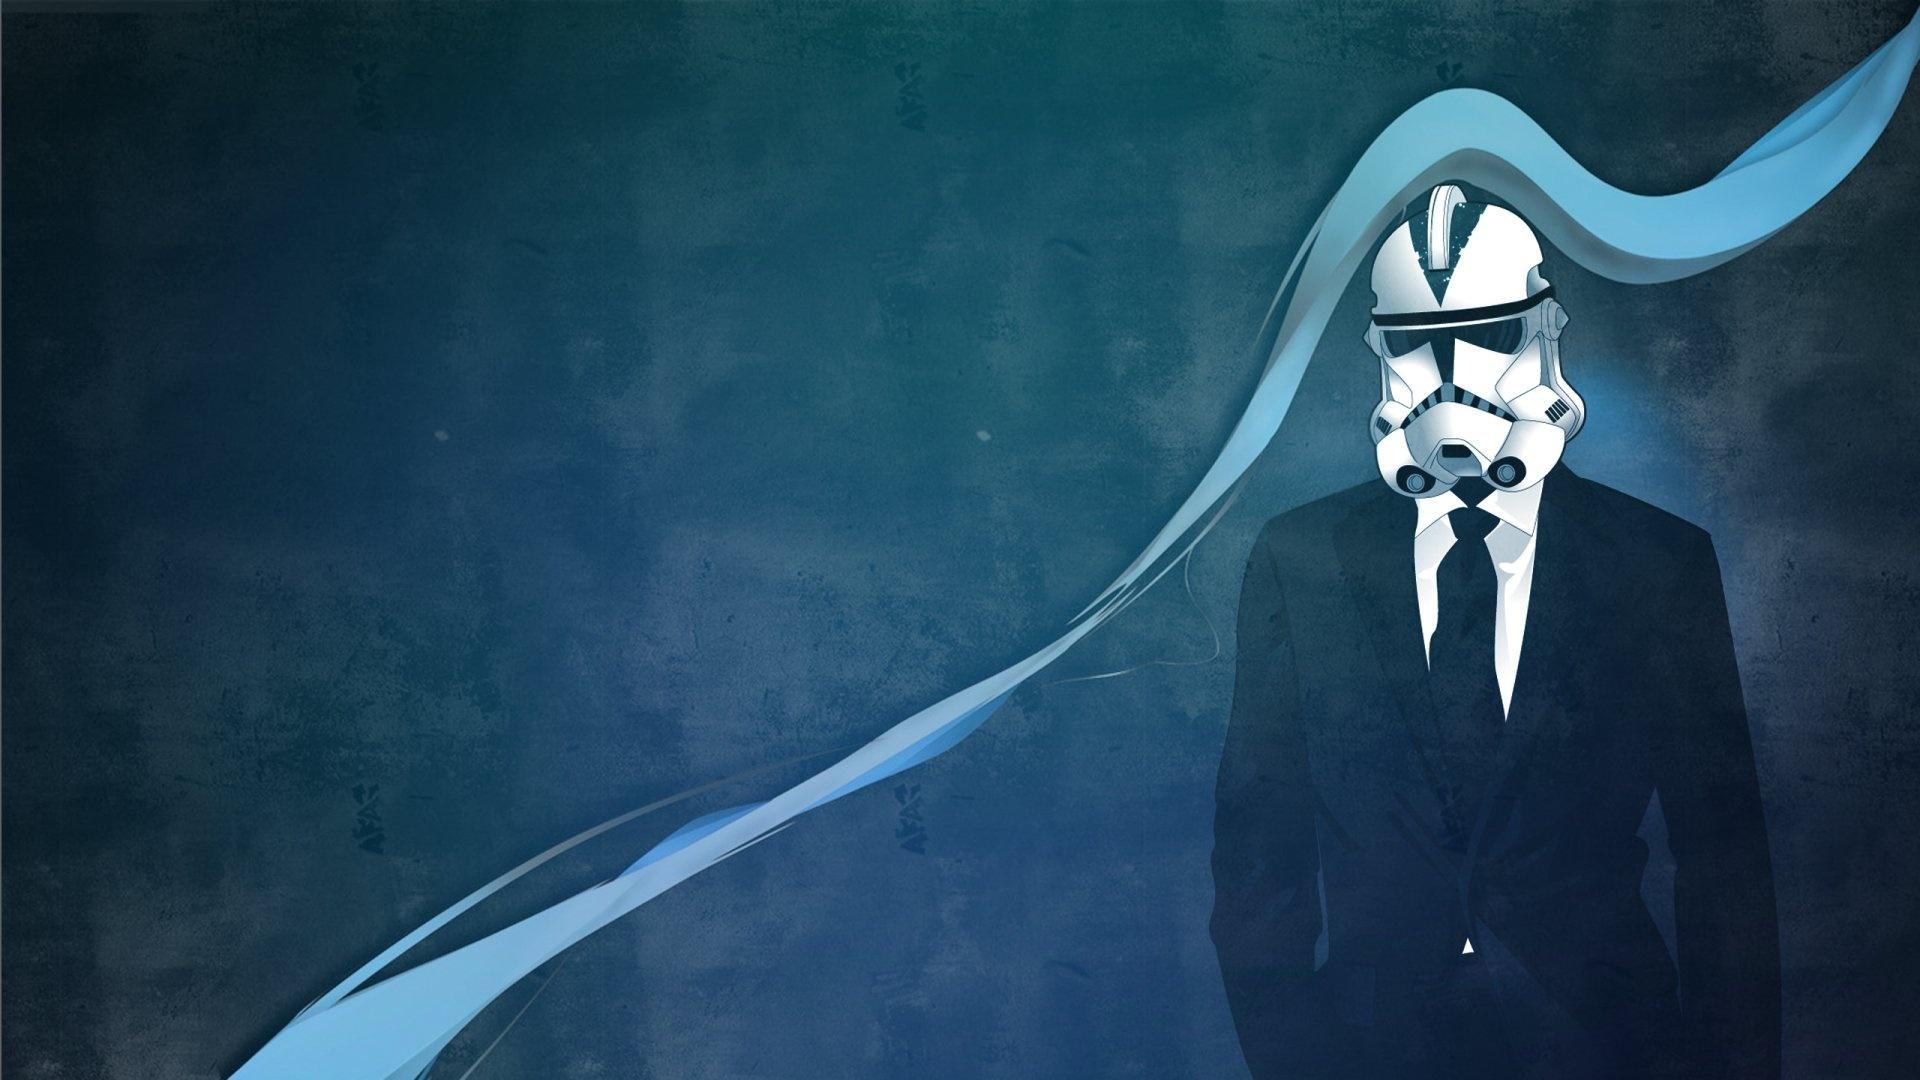 Star Wars best background